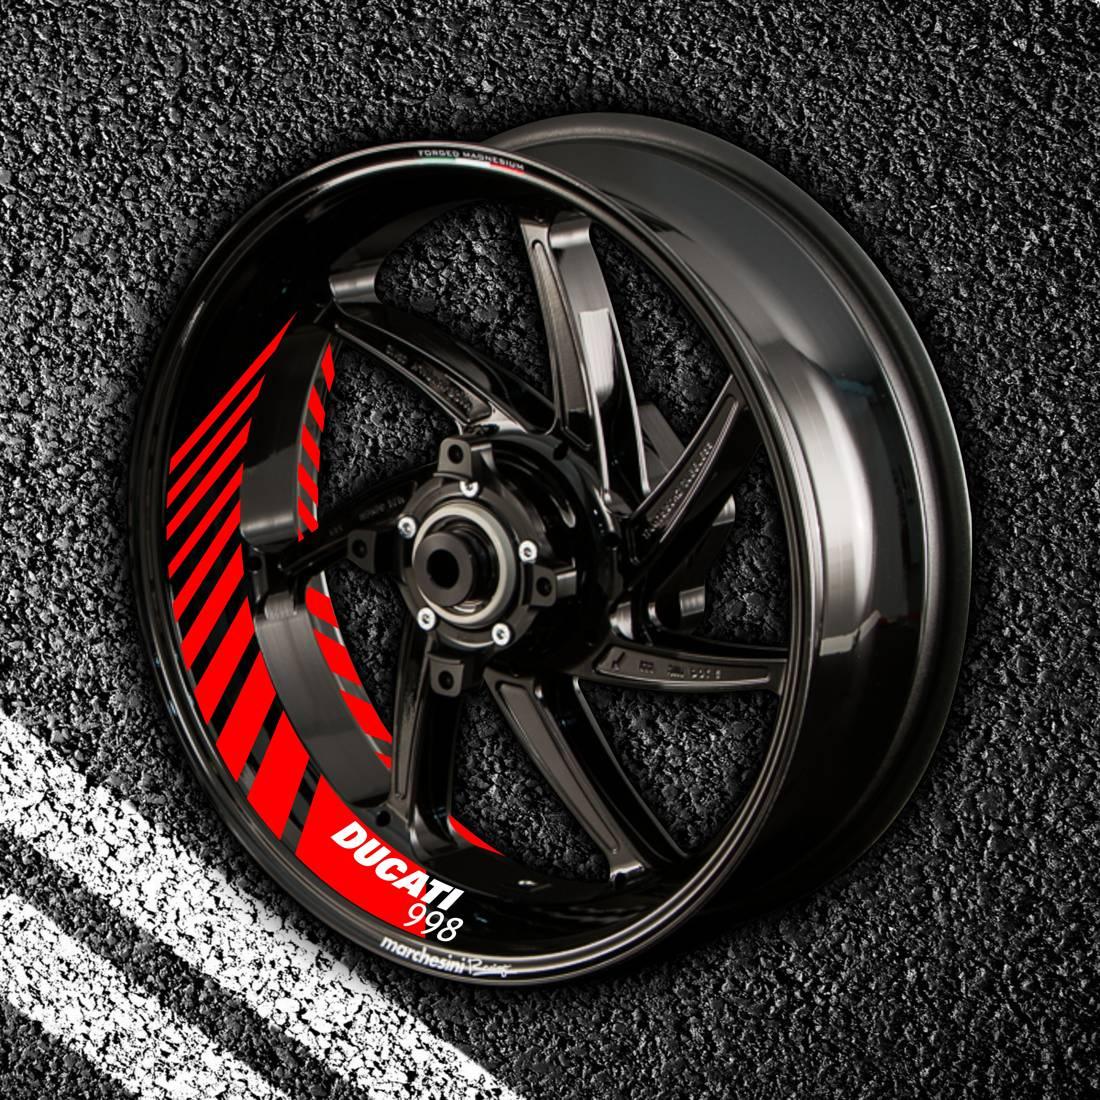 Комплект наклеек с полосами на колеса мотоцикла DUCATI 998